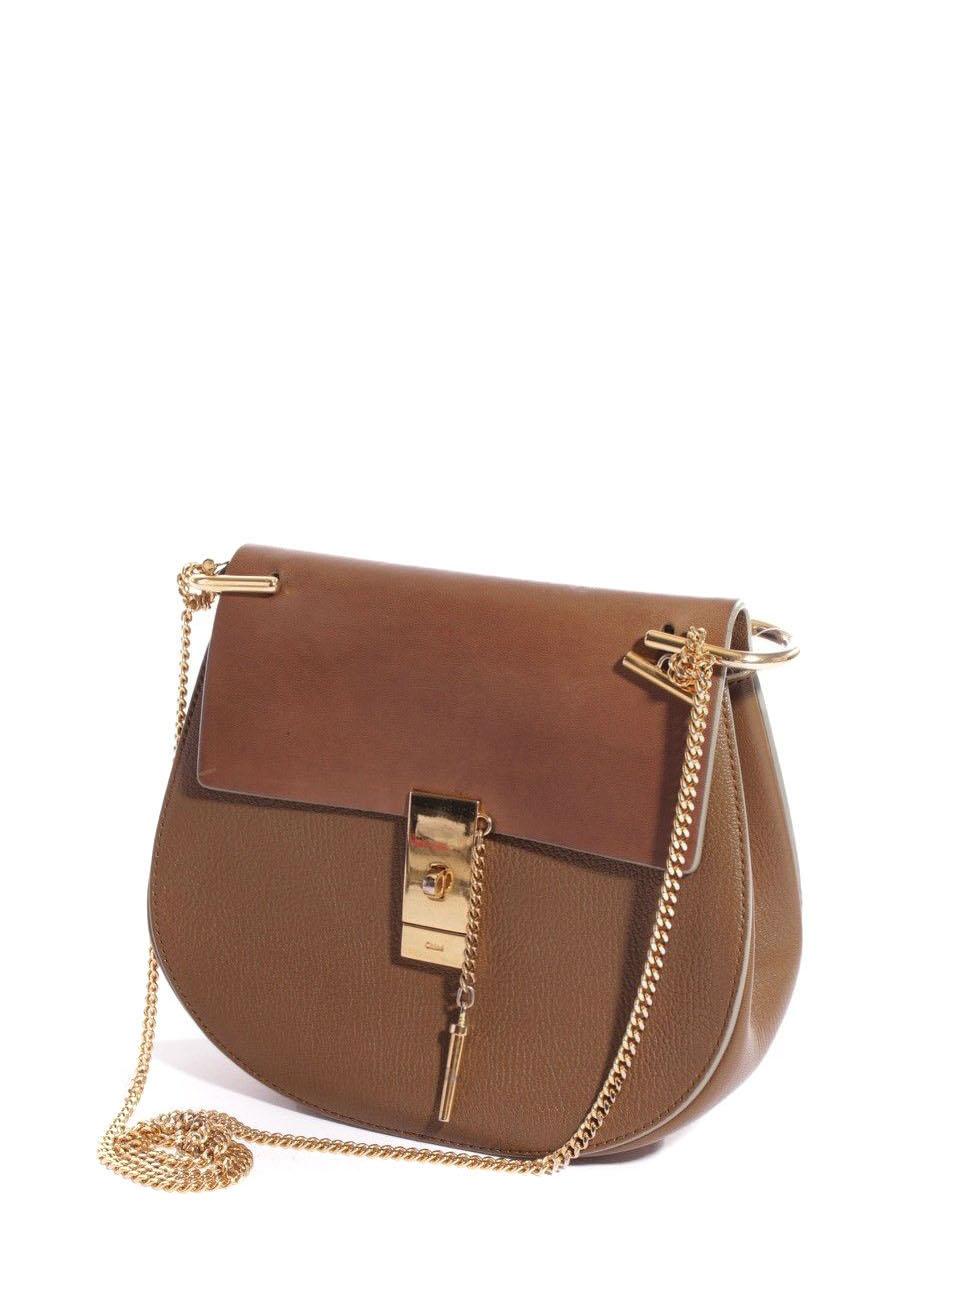 Sublime sac de la Maison de Couture française CHLOE. 0683dde8a7e